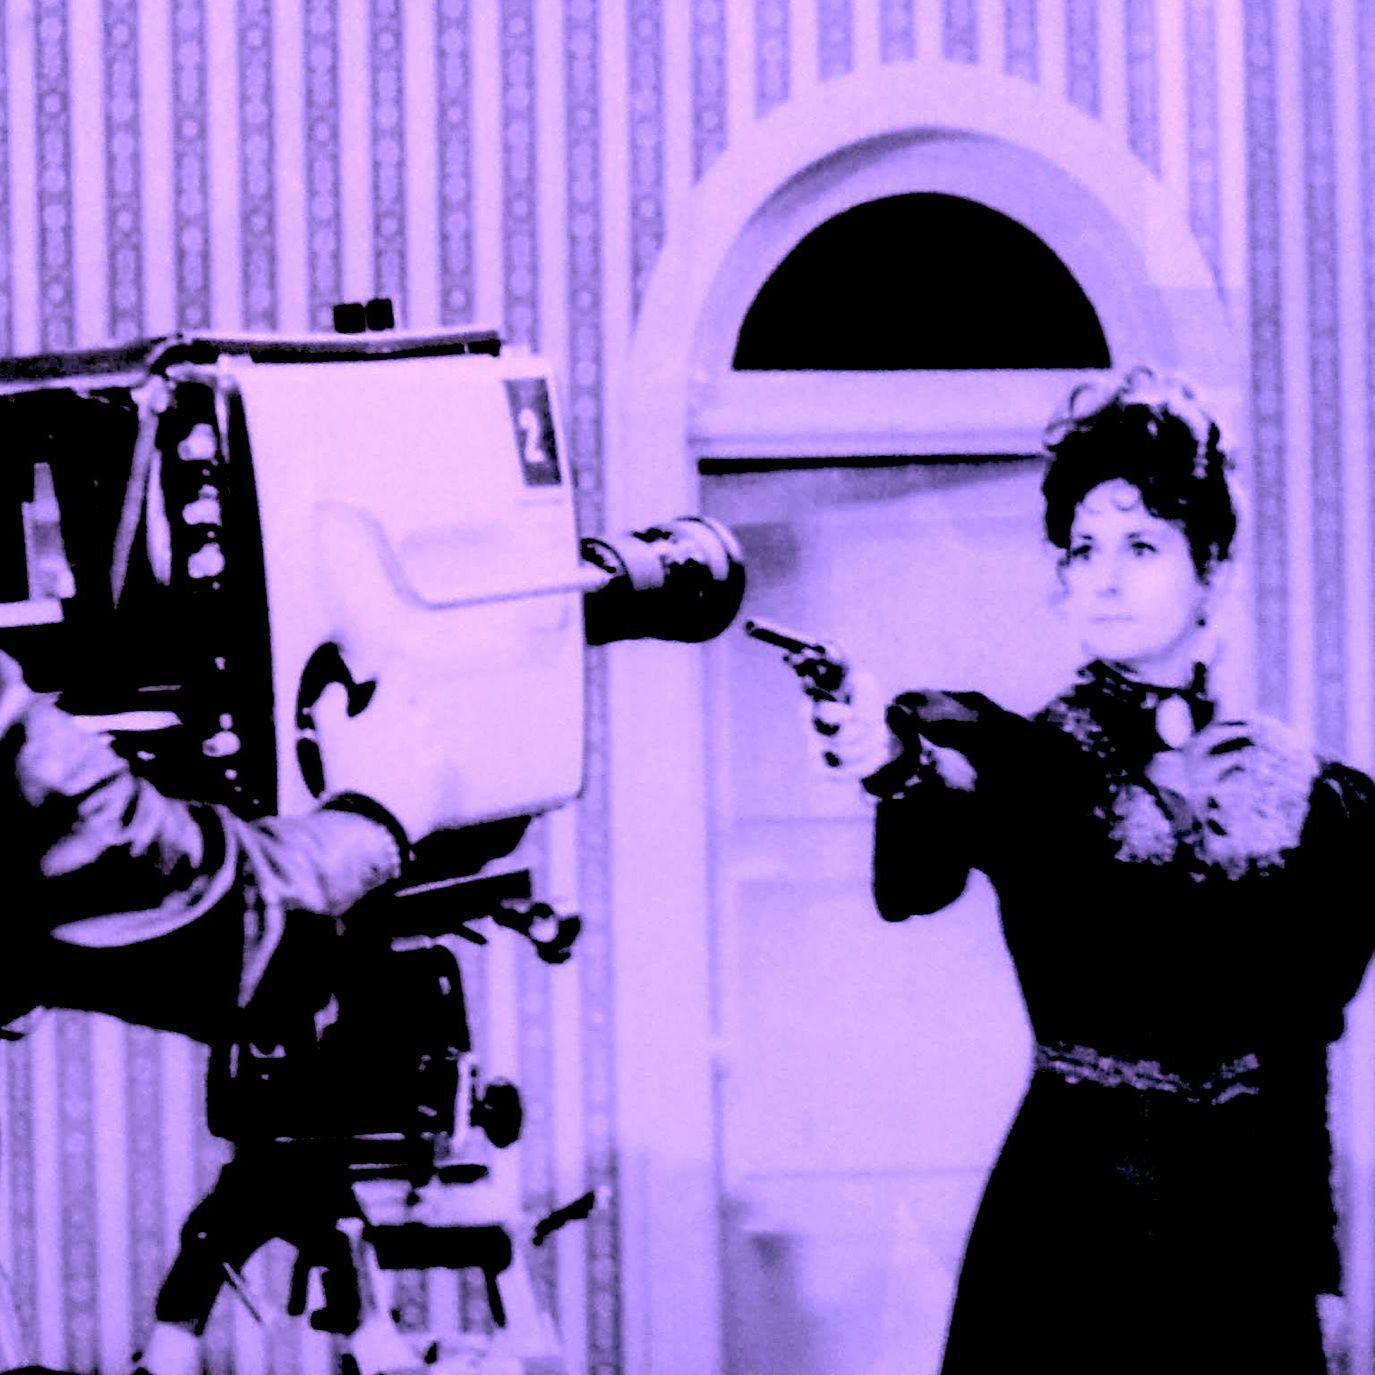 Bild in pink/schwarz/weiß. Eine Frau in einem Kleid aus dem angehenden 20. Jahrhundert zielt mit einem Revolver auf eine große Filmkamera.